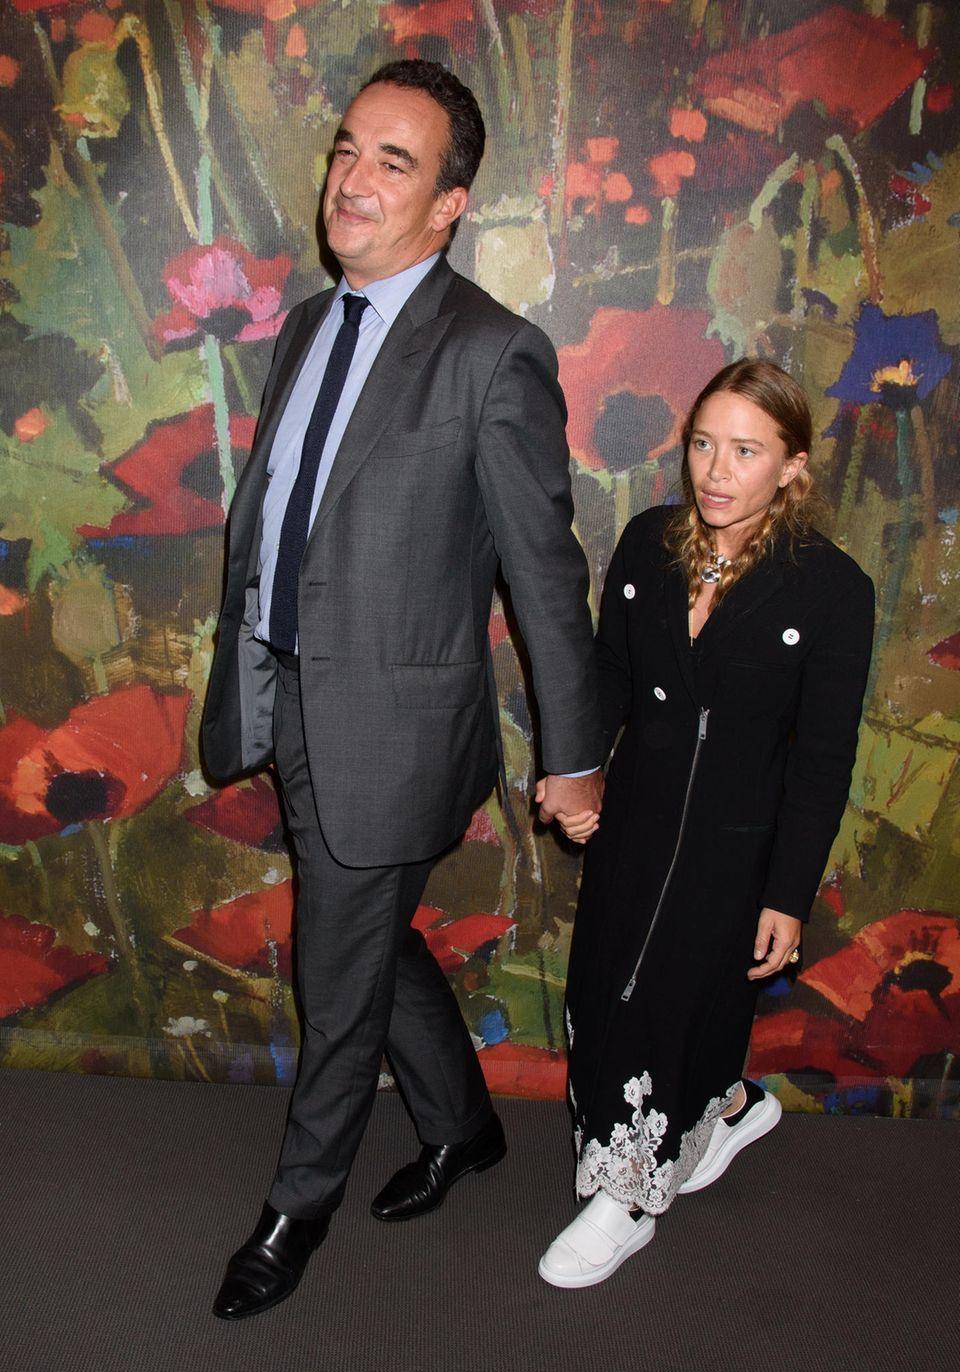 """Außer ihrer Körpergröße, Olivier Sarkozy ist stolze 1,90 Meter groß, während Mary-Kate Olsen bloß 1,57 Meter misst, unterscheidet sie ein Altersunterschied von satten 17 Jahren; und da Mary-Kate Olsen mit ihrer Zwillingsschwester über ein geschätztes Vermögen von 284 Millionen Euro verfügt, darf angenommen werden, dass Mary-Kate ihren französischen Riesen im Designeranzug auch nicht aus, sagen wir mal, praktischen Gründen geheiratet hat. Bleibt nur noch auf einen alten Spruch zurückzugreifen: """"Wo die Liebe hinfällt."""""""